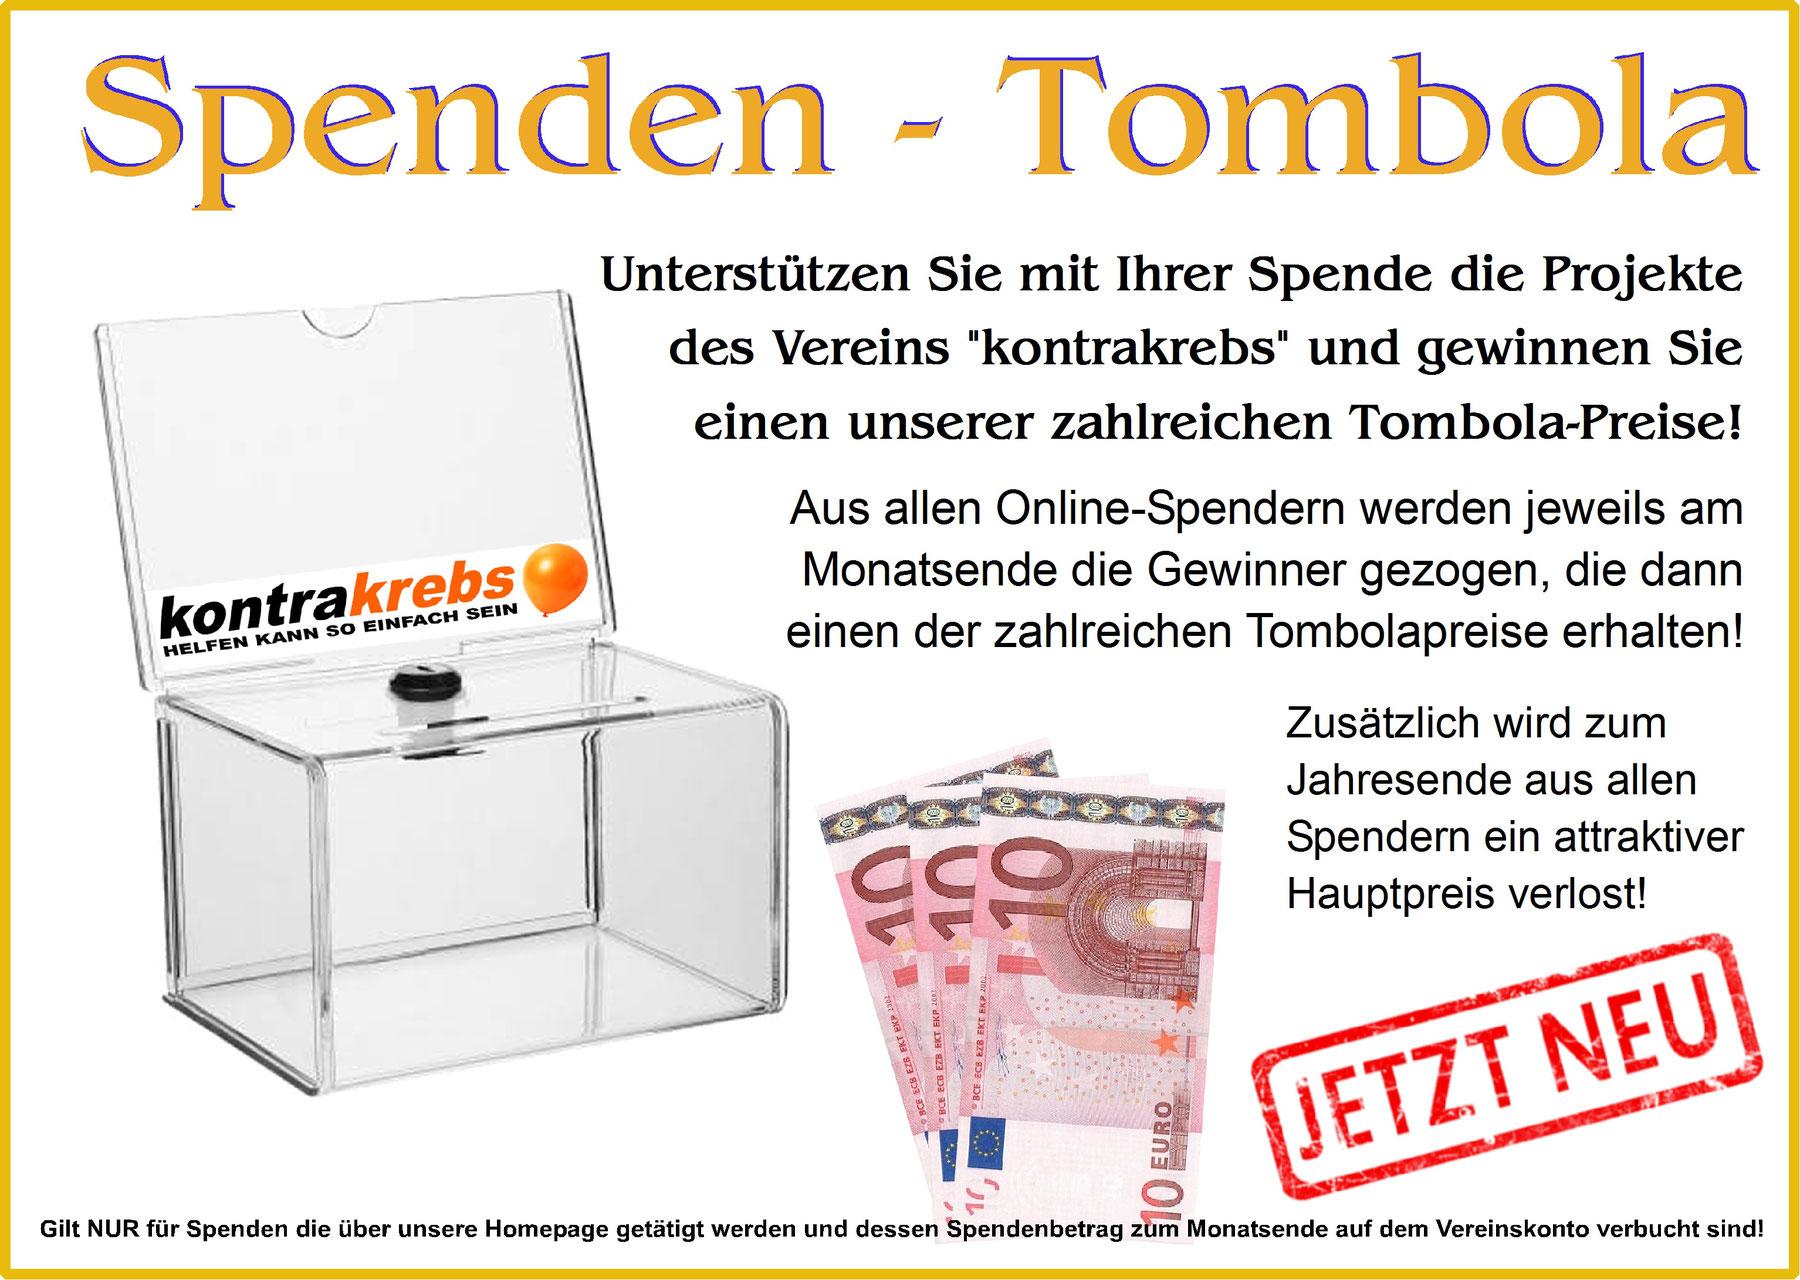 Spenden Für Tombola